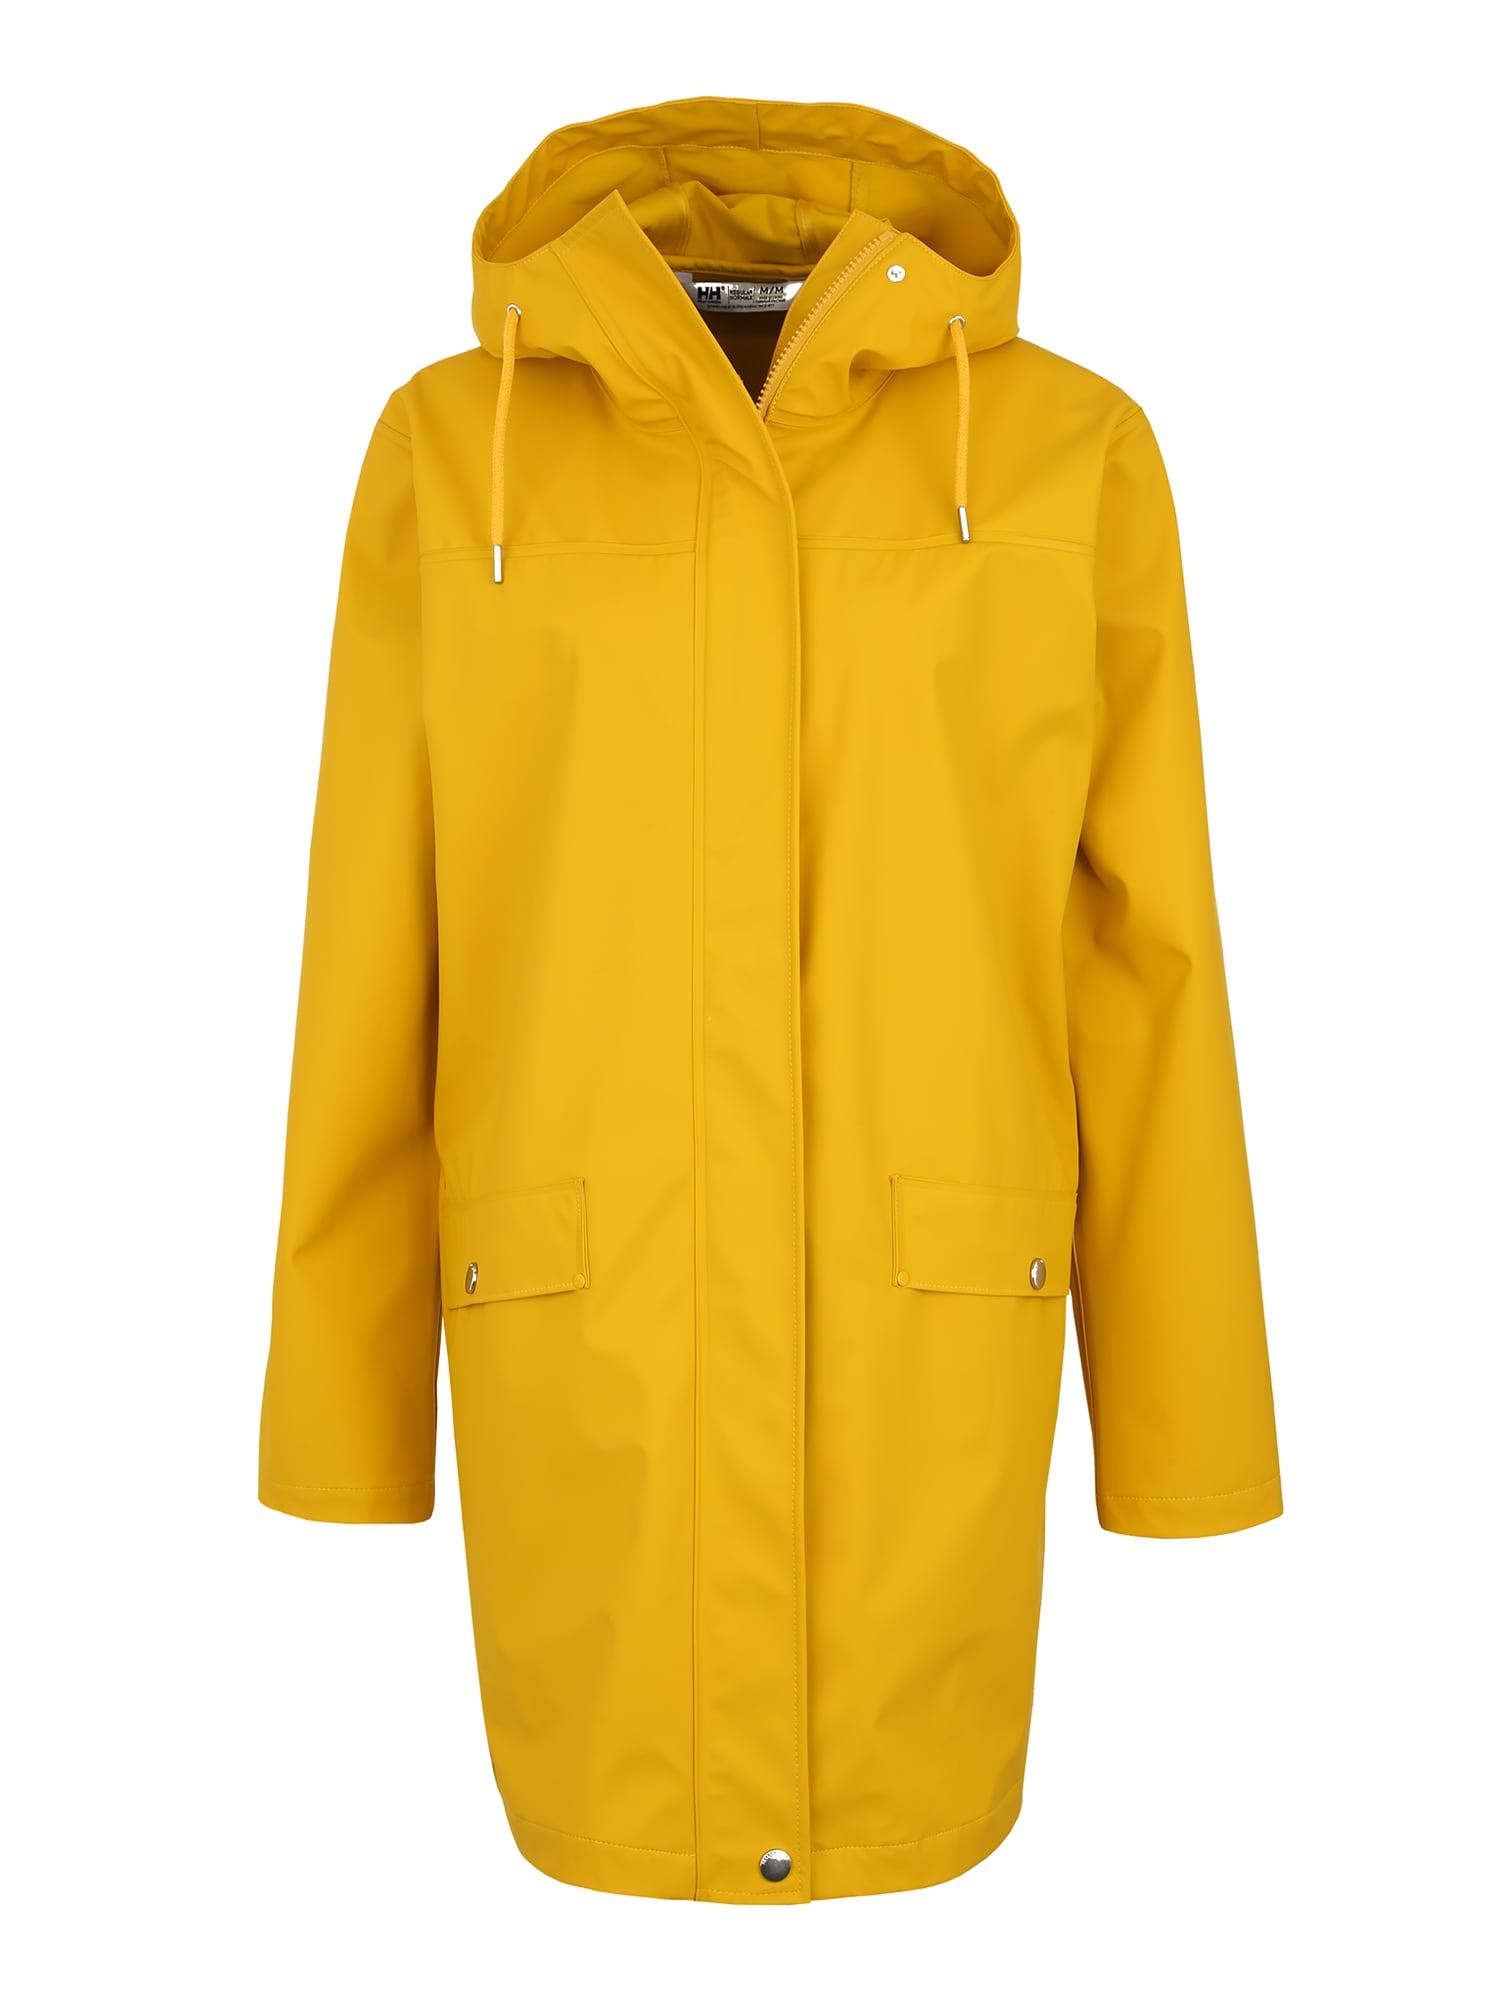 Outdoorový kabát Moss Rain žlutá HELLY HANSEN